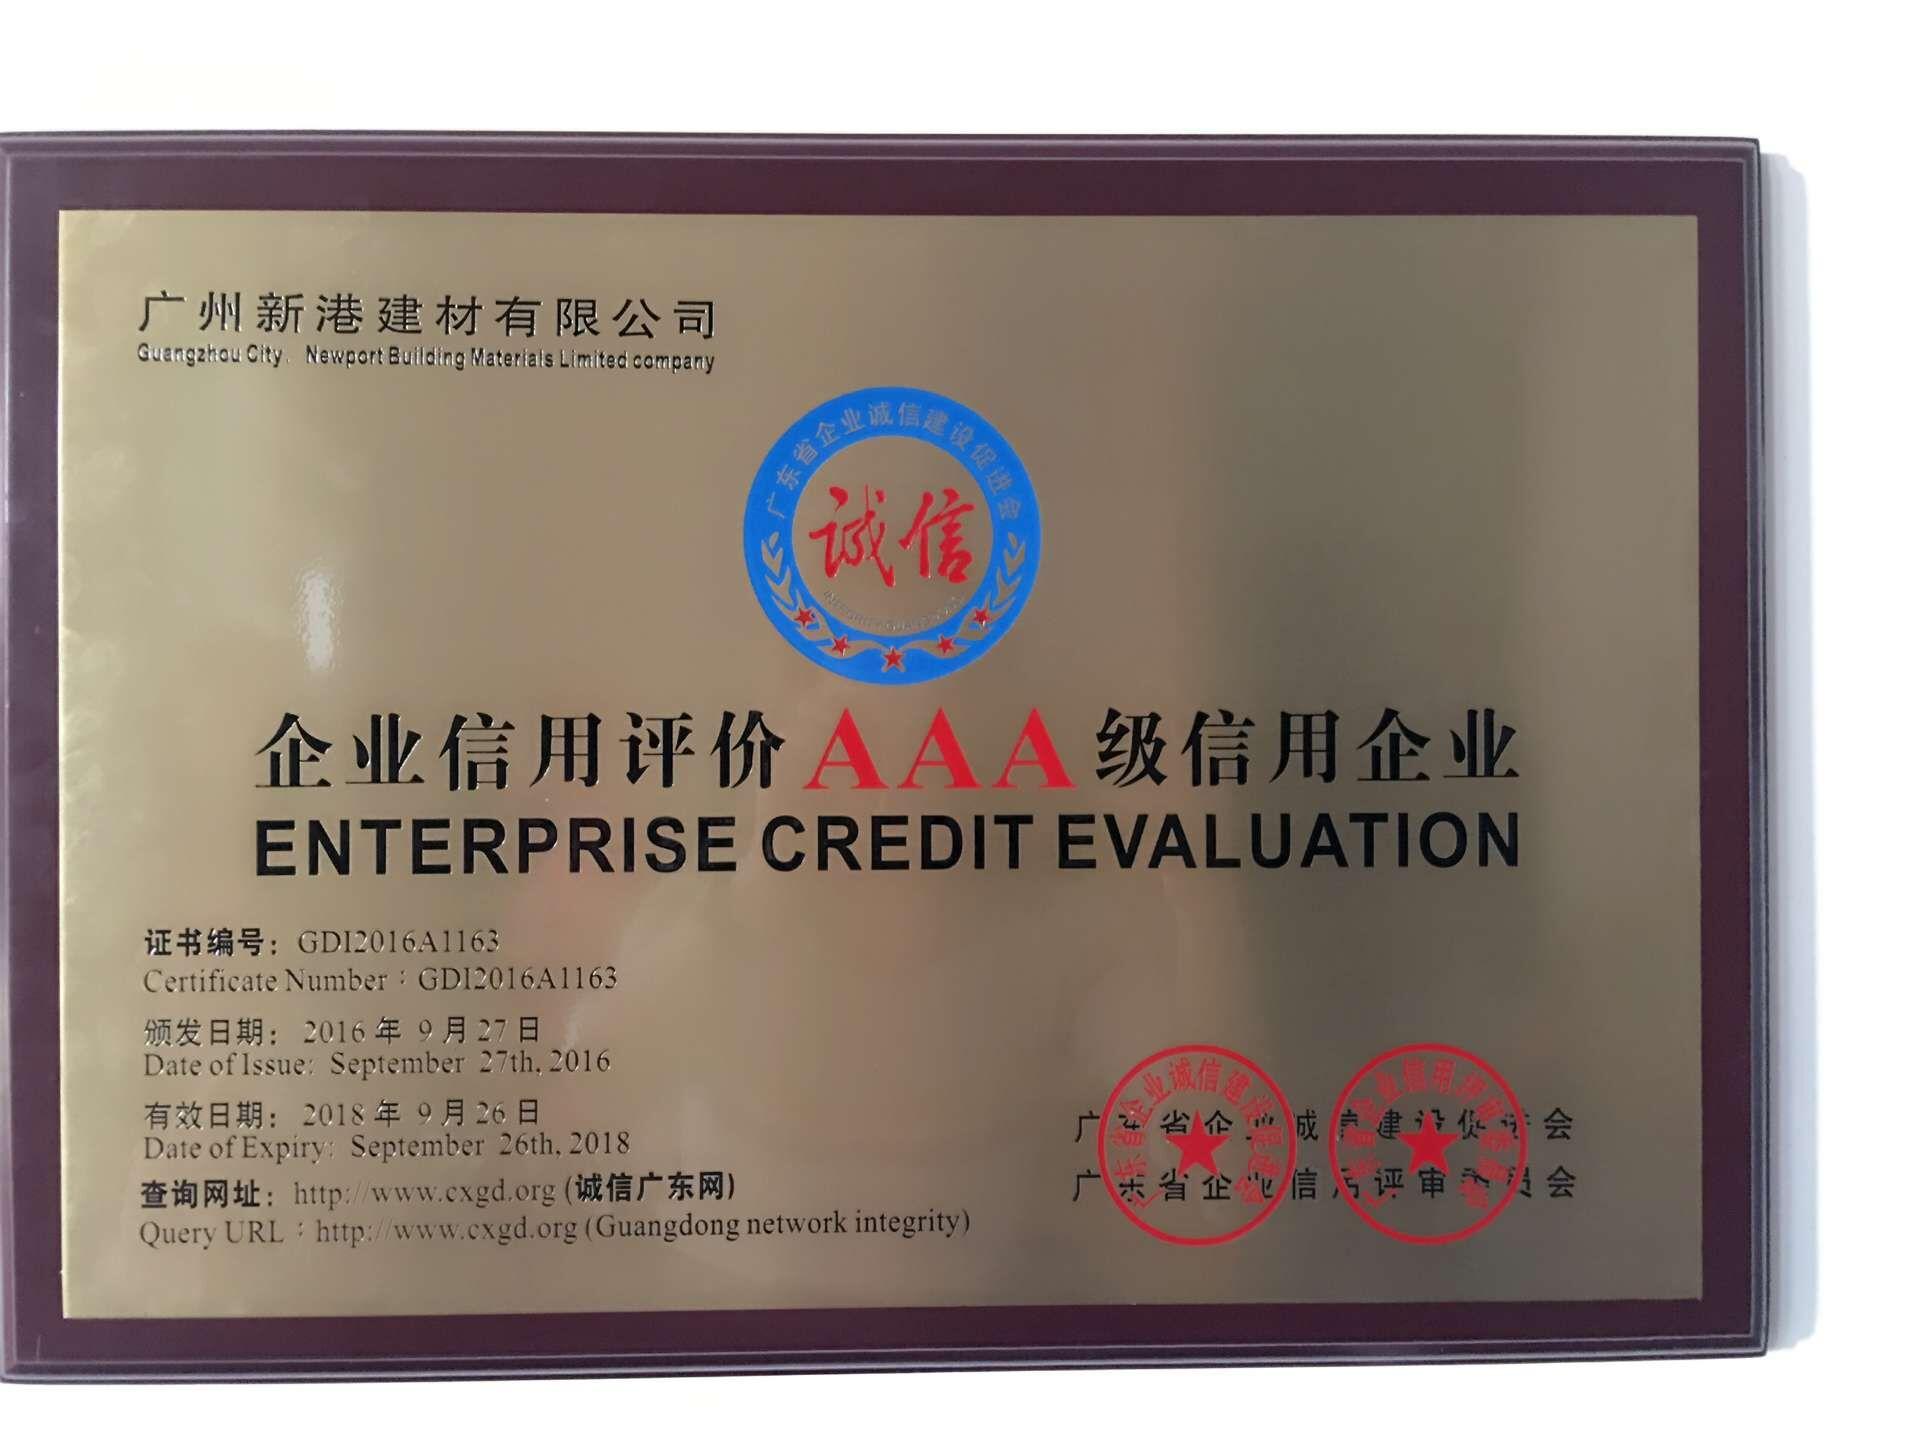 企业信用评价AAA级信用